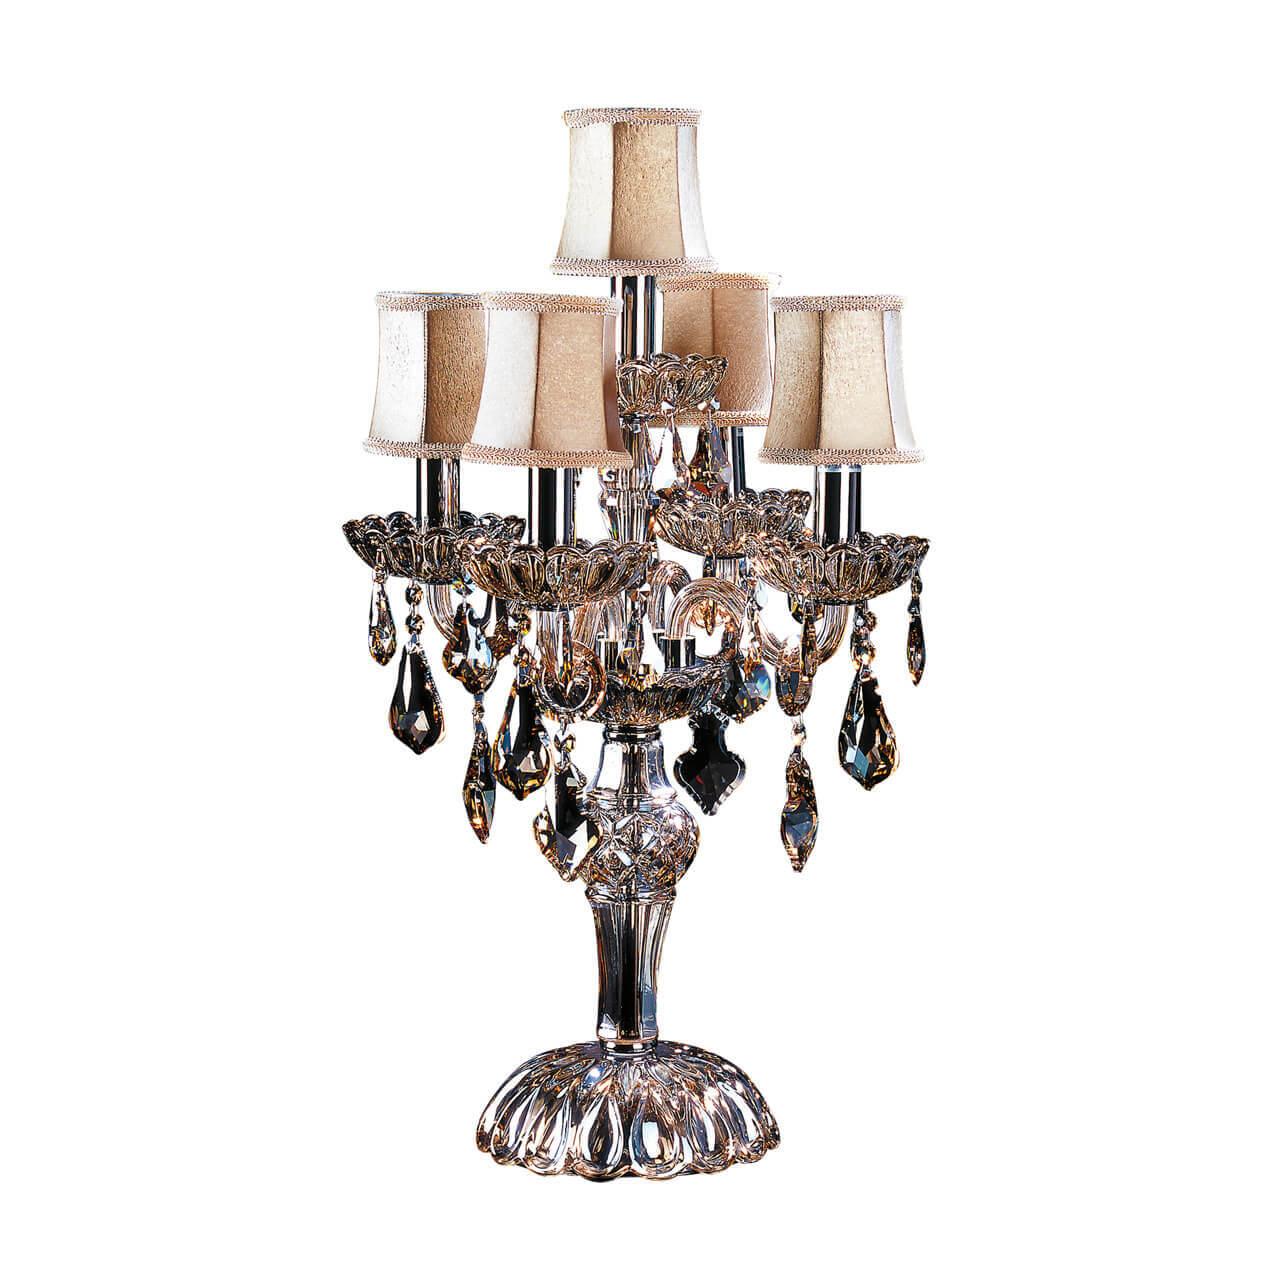 Настольная лампа Osgona 715957 Nativo фото